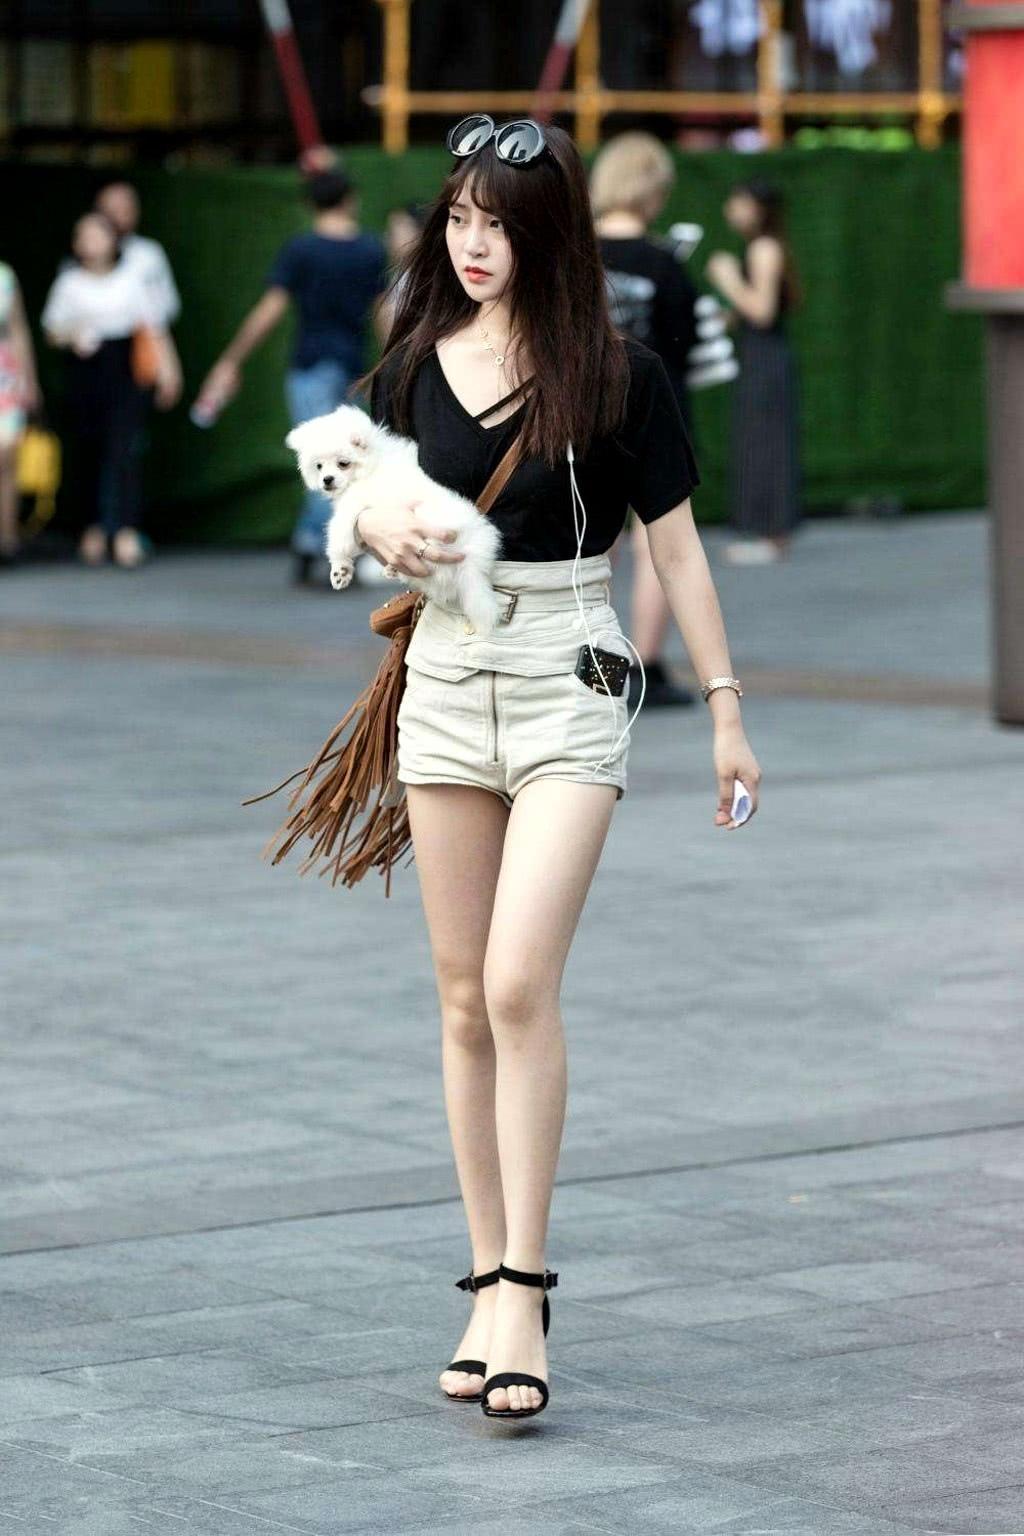 摄影师镜头下的伊人,很喜欢小姐姐的短裤